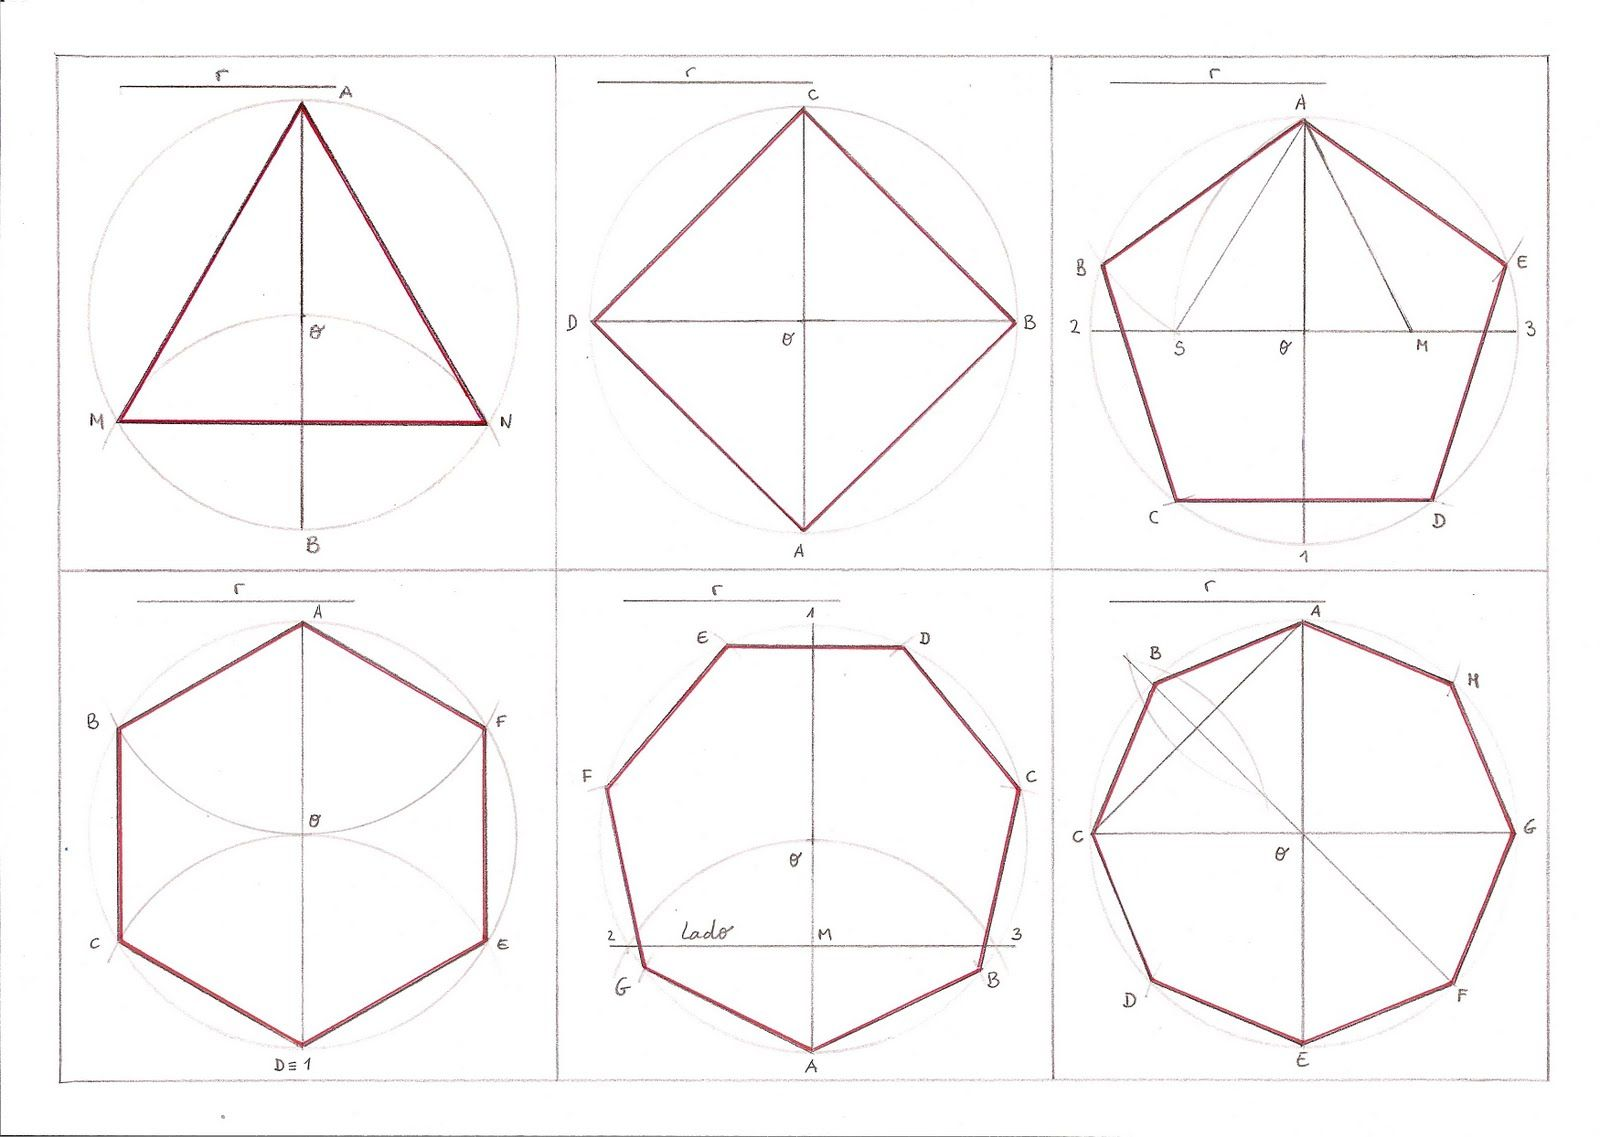 Un Polígono Regular Es Una Figura Plana Limitada Por Lados Segmentos Rectilíneos En Ellos Todos Los La Arte De Geometría Polígono Regular Pentagono Geometria